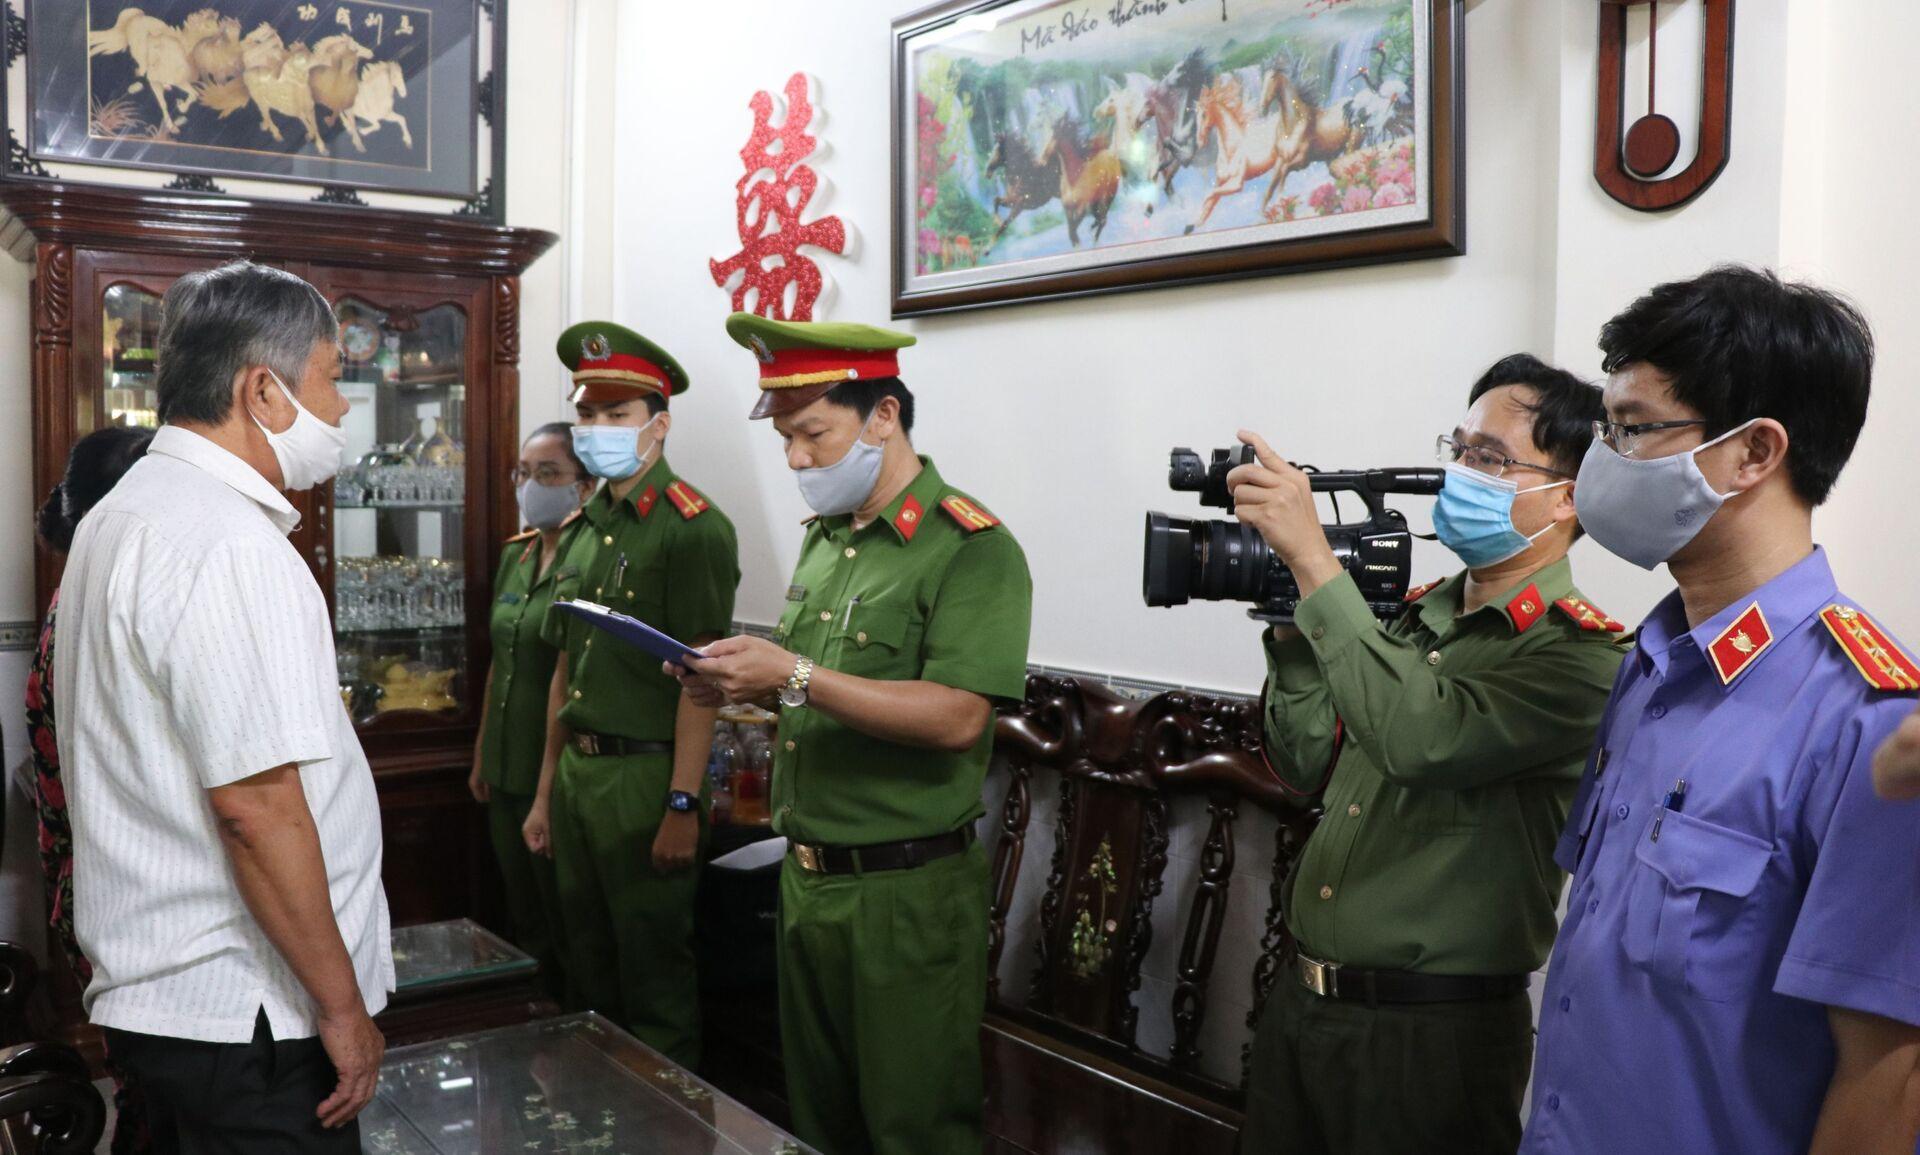 Khởi tố cựu Phó Chủ tịch tỉnh Phú Yên Nguyễn Chí Hiến - Sputnik Việt Nam, 1920, 04.06.2021